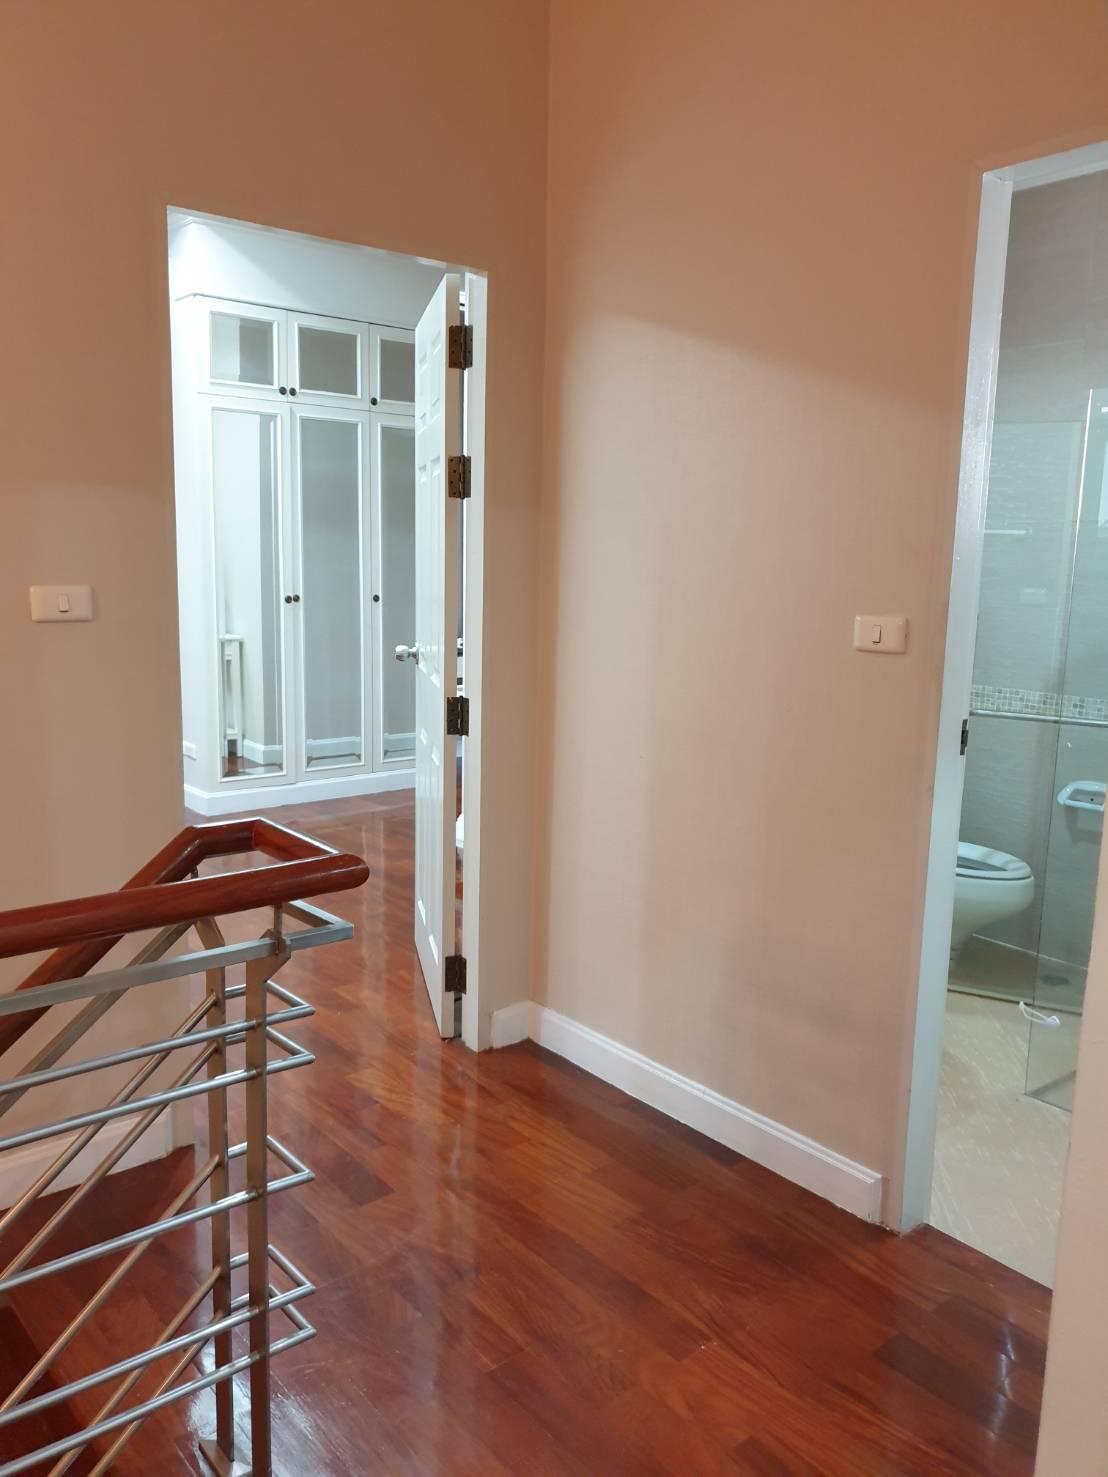 ภาพให้เช่าบ้านเดี่ยว เพอร์เฟค มาสเตอร์พีซ เอกมัย-รามอินทรา 3ห้องนอน 3ห้องน้ำ สวนรอบบ้าน 0939896569